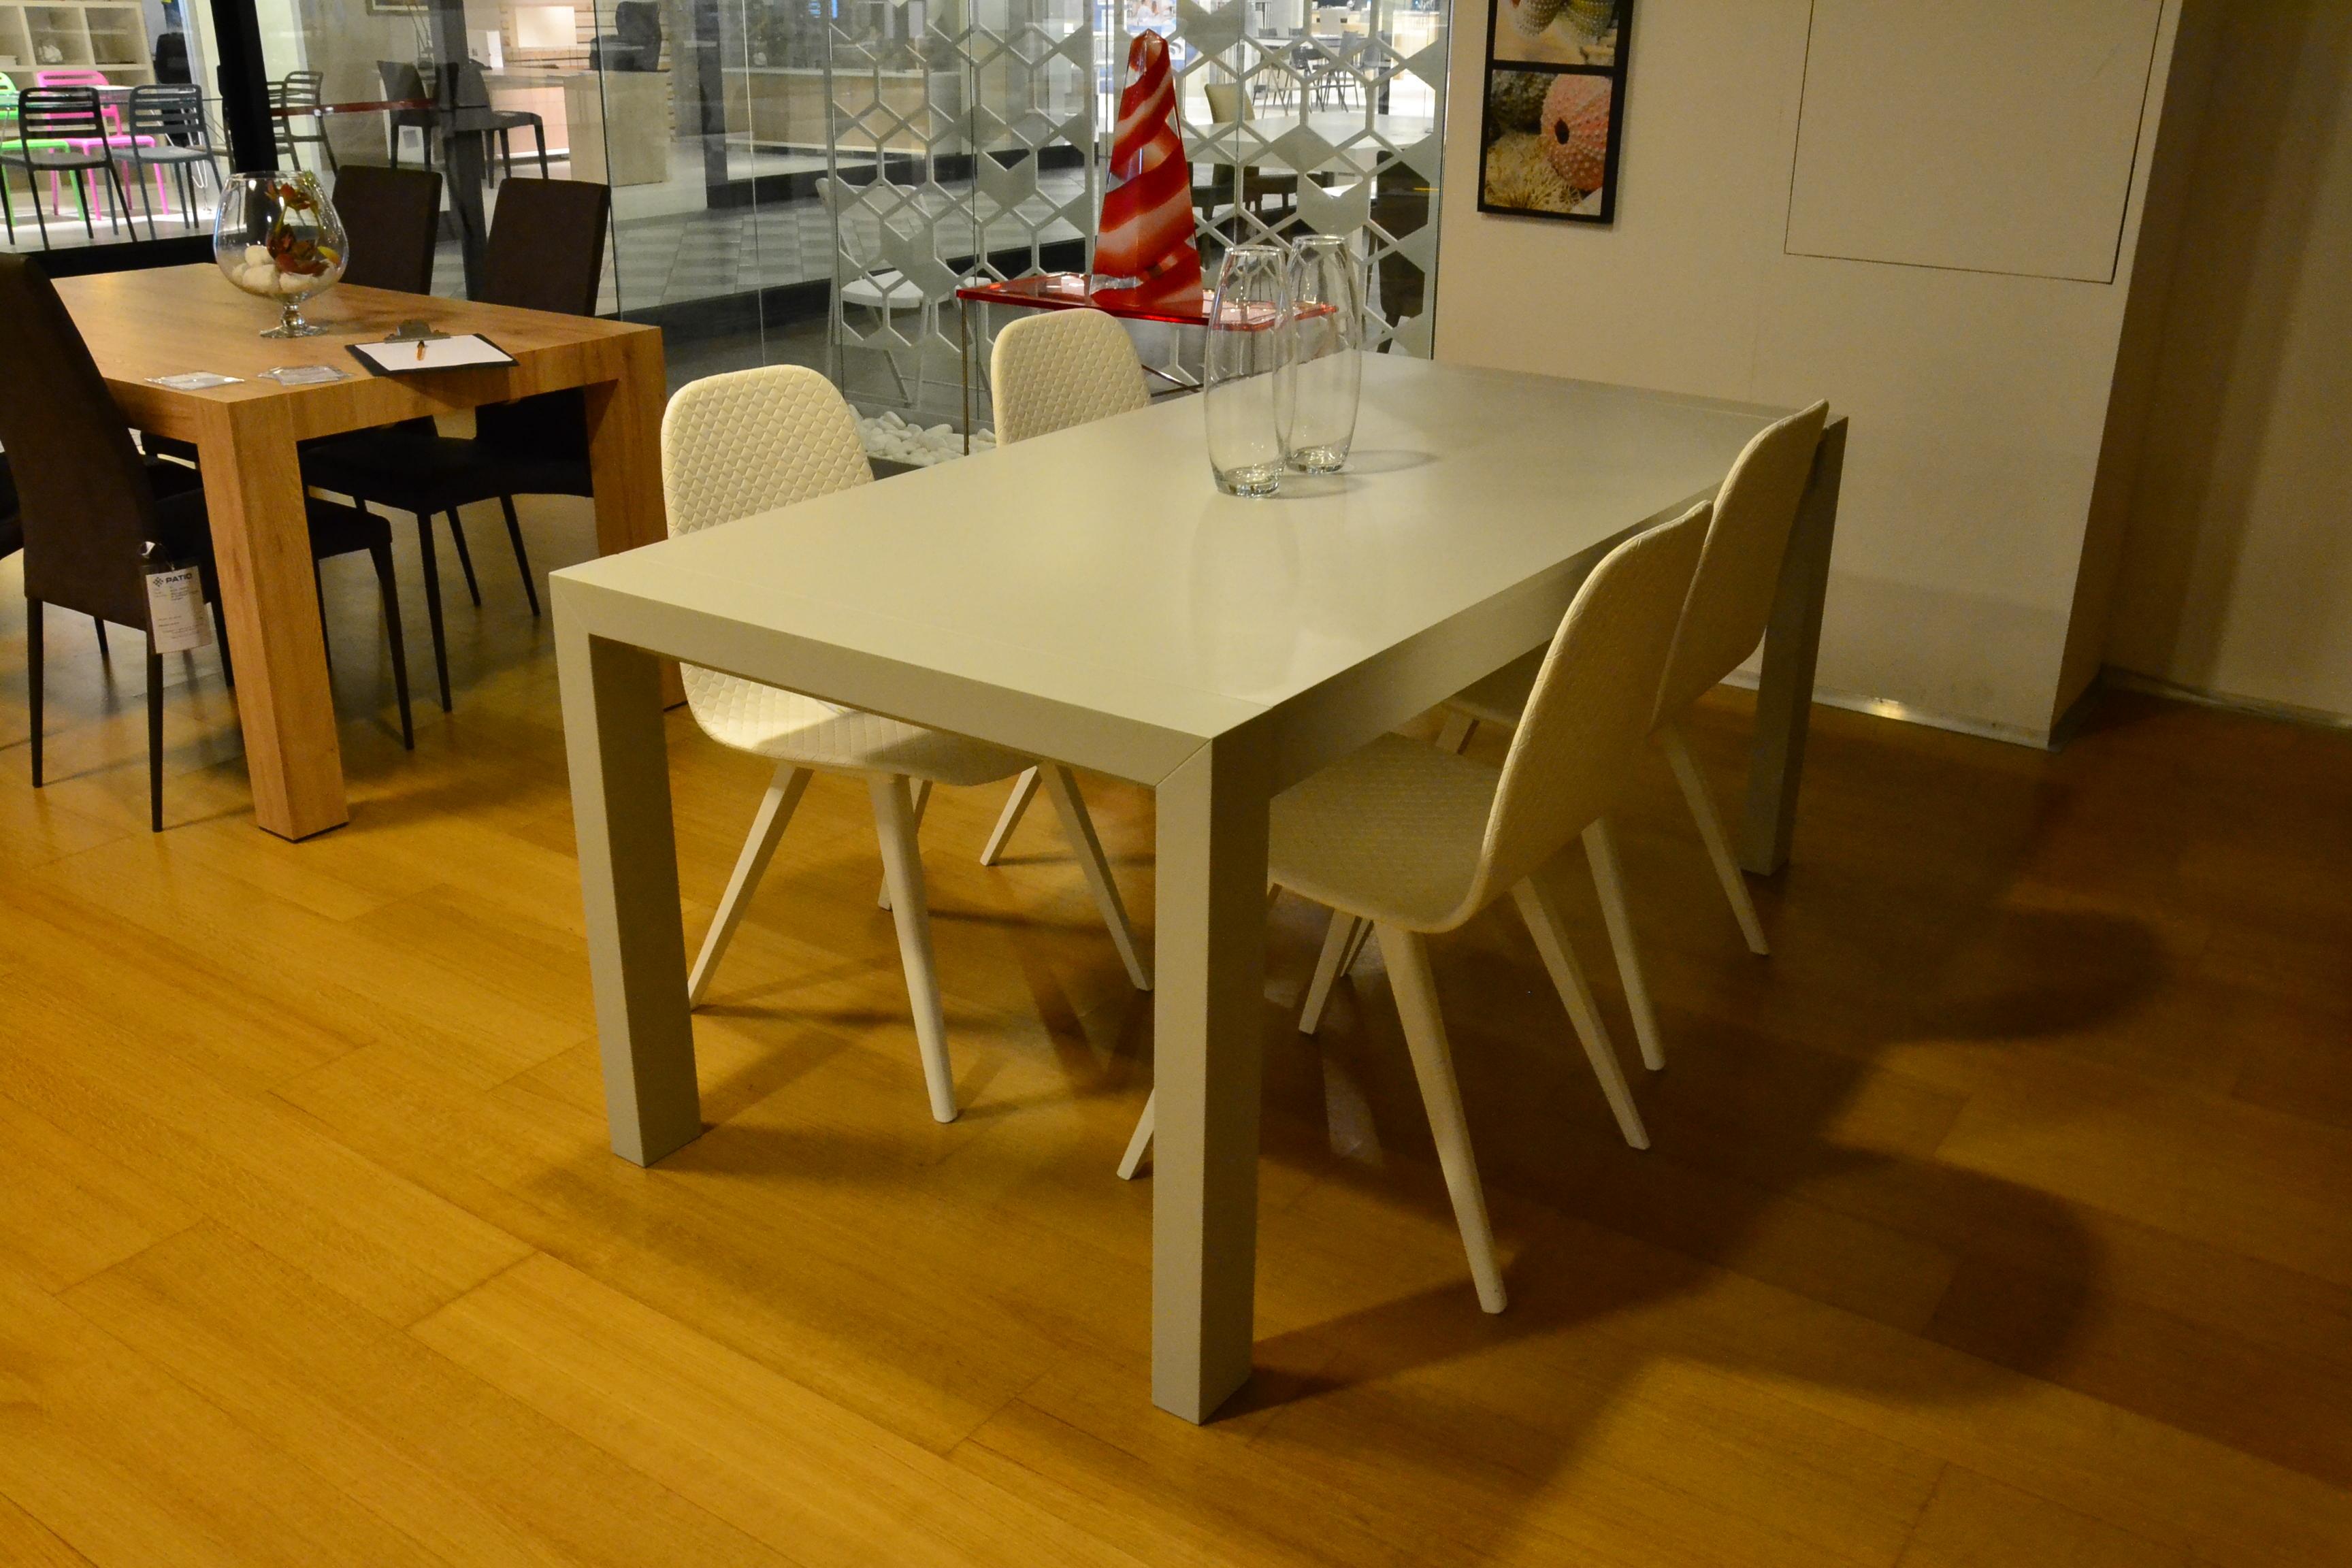 Dall 39 agnese tavolo tavolo e sedie sottocosto tavoli a for Sedie di marca